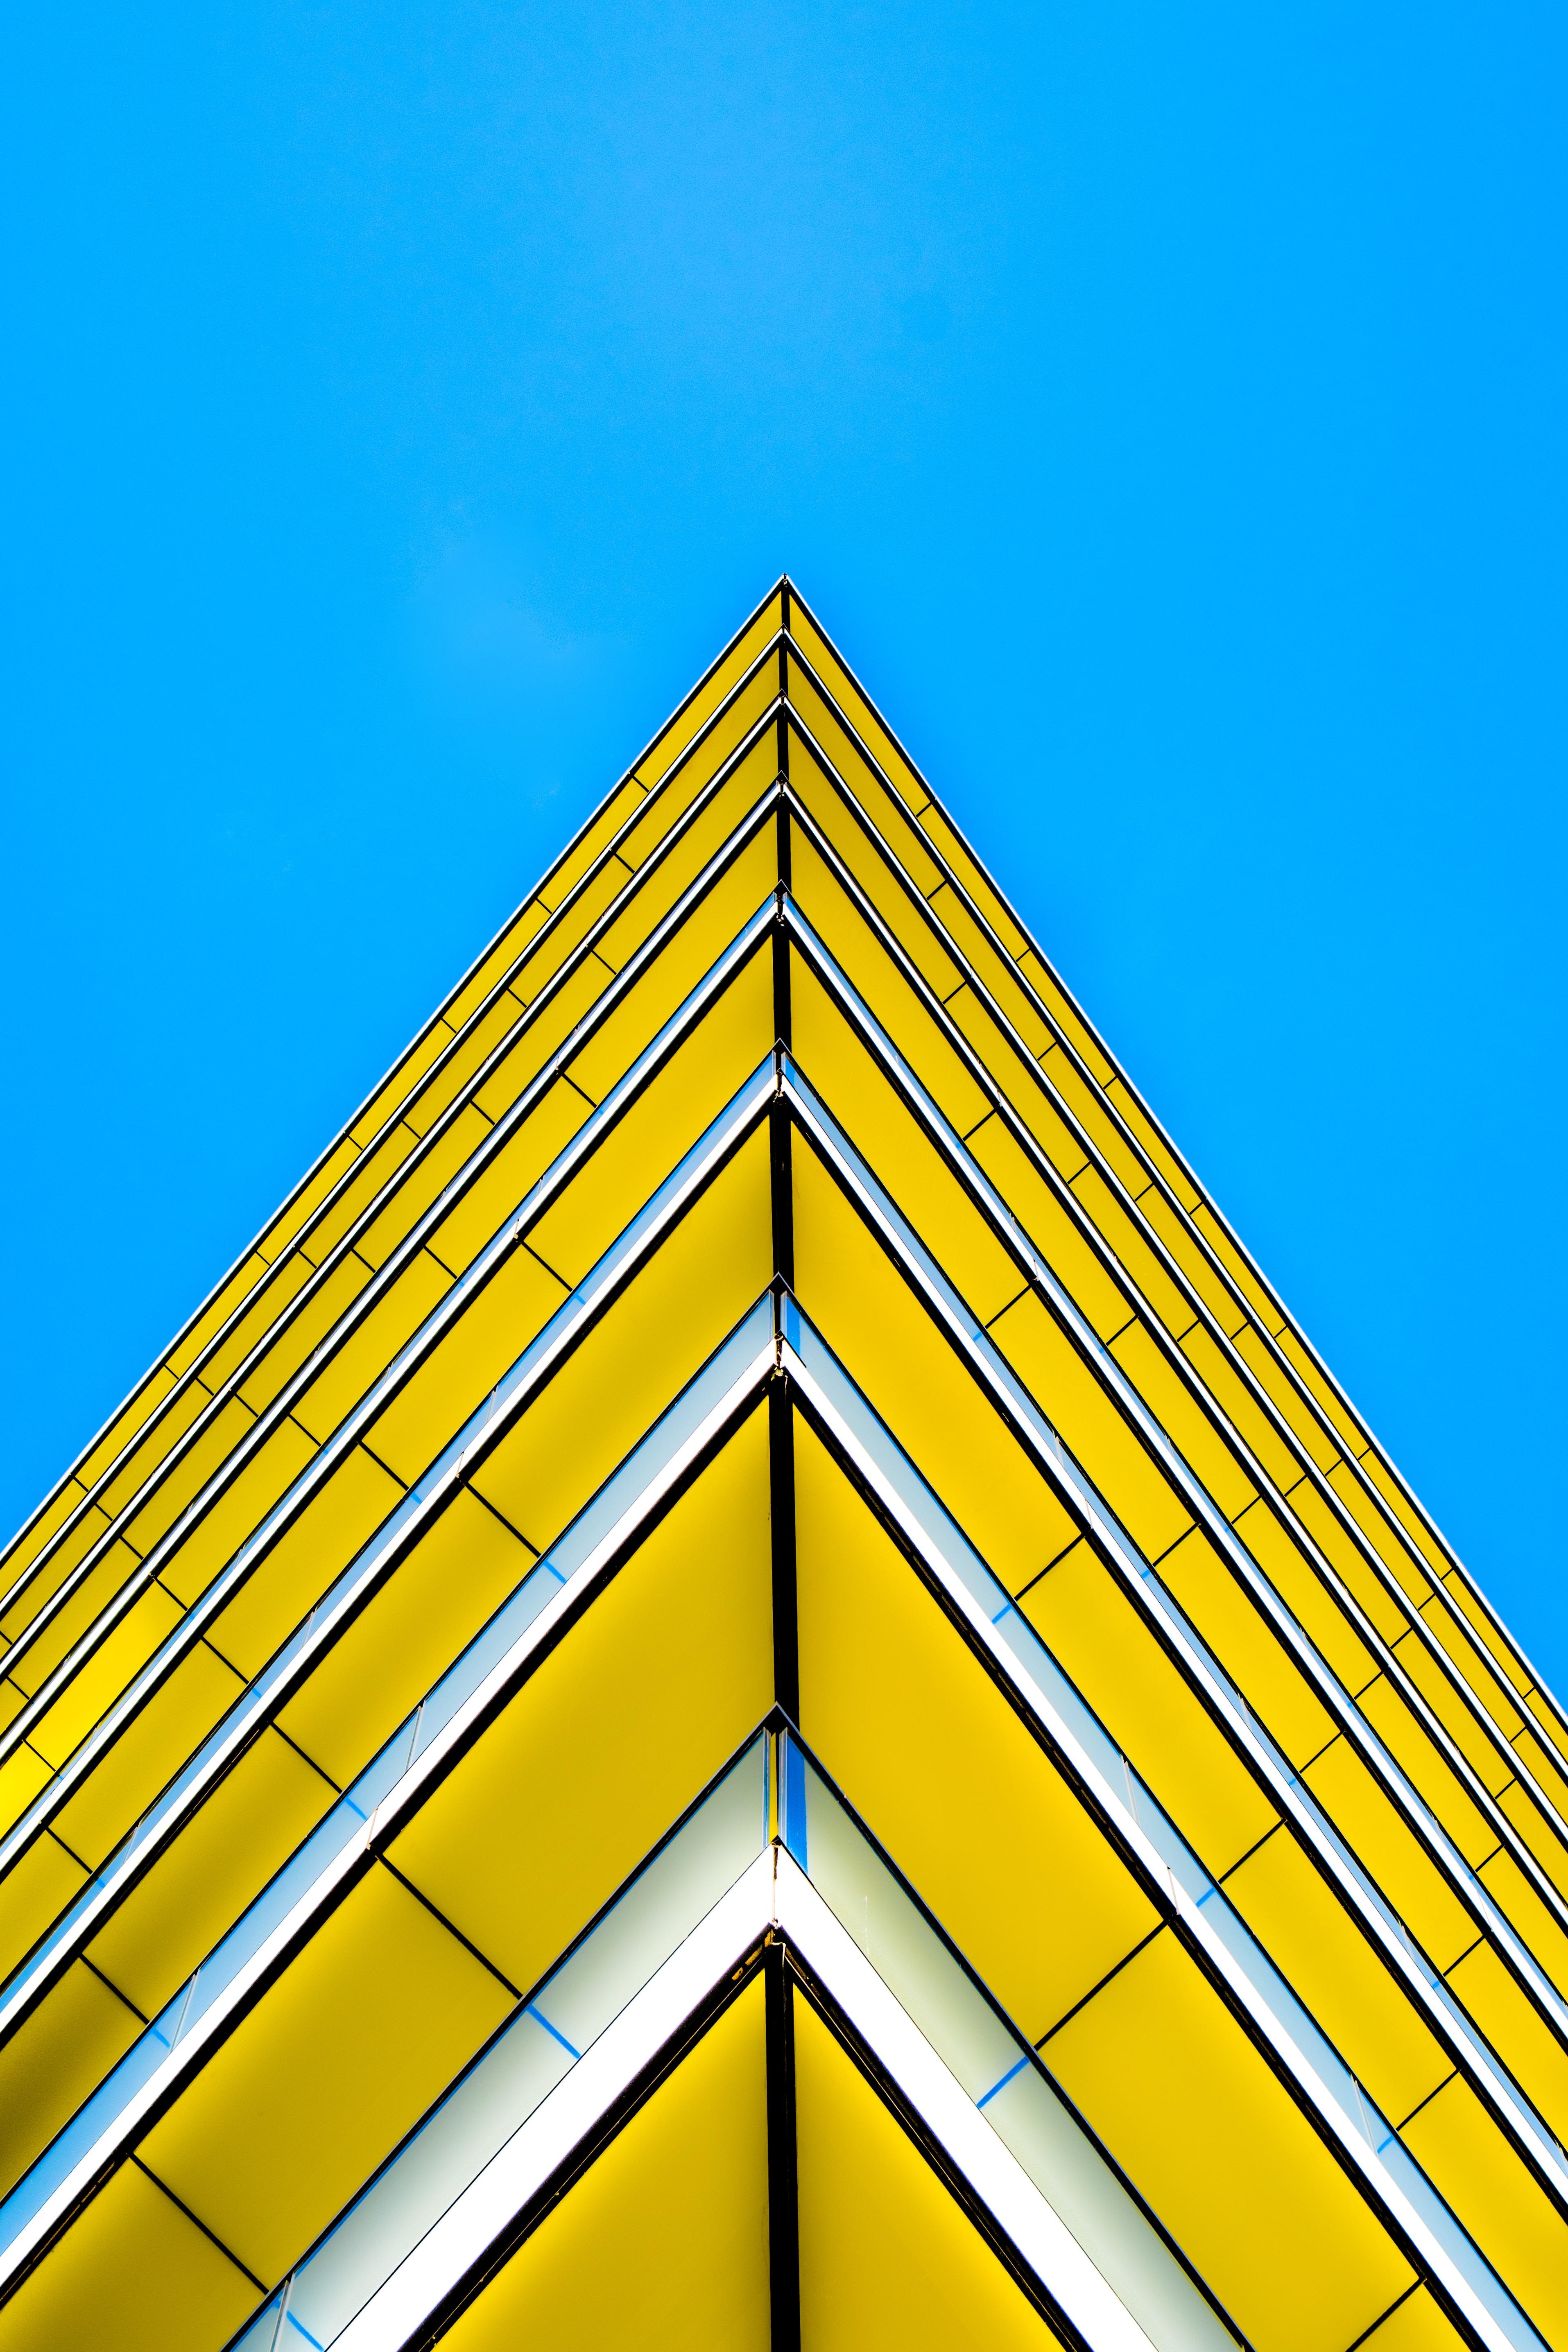 147980壁紙のダウンロードミニマリズム, 建物, ファサード, 角度, 隅, 急性, 鋭い, 黄色, アーキテクチャ-スクリーンセーバーと写真を無料で